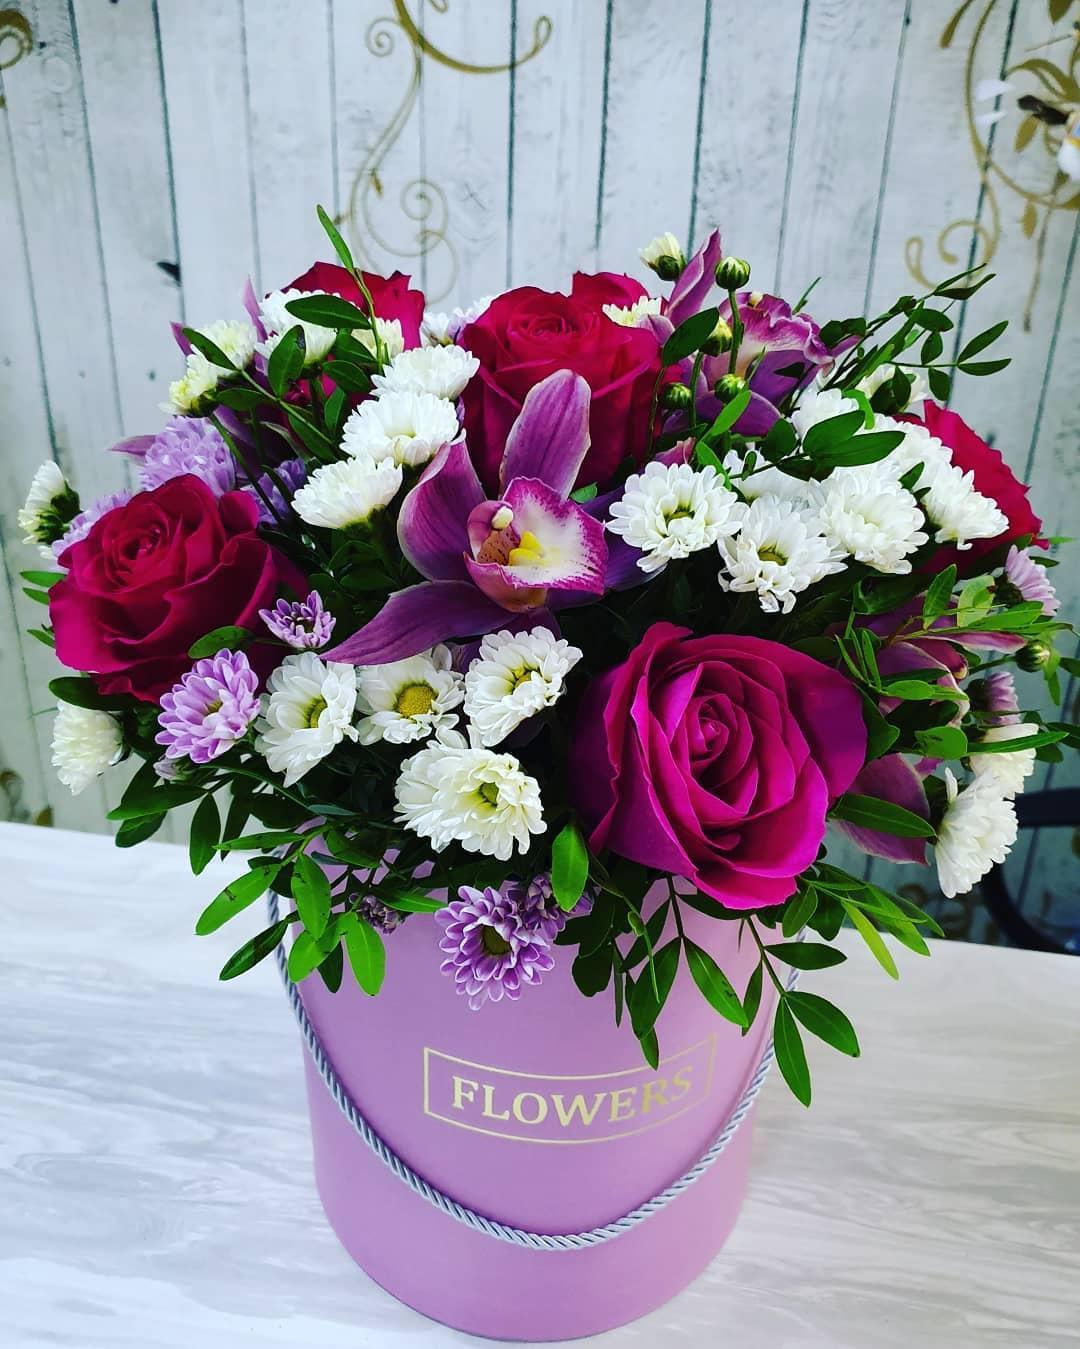 Доставка цветов в г морозовске, дешевле купить свадебные